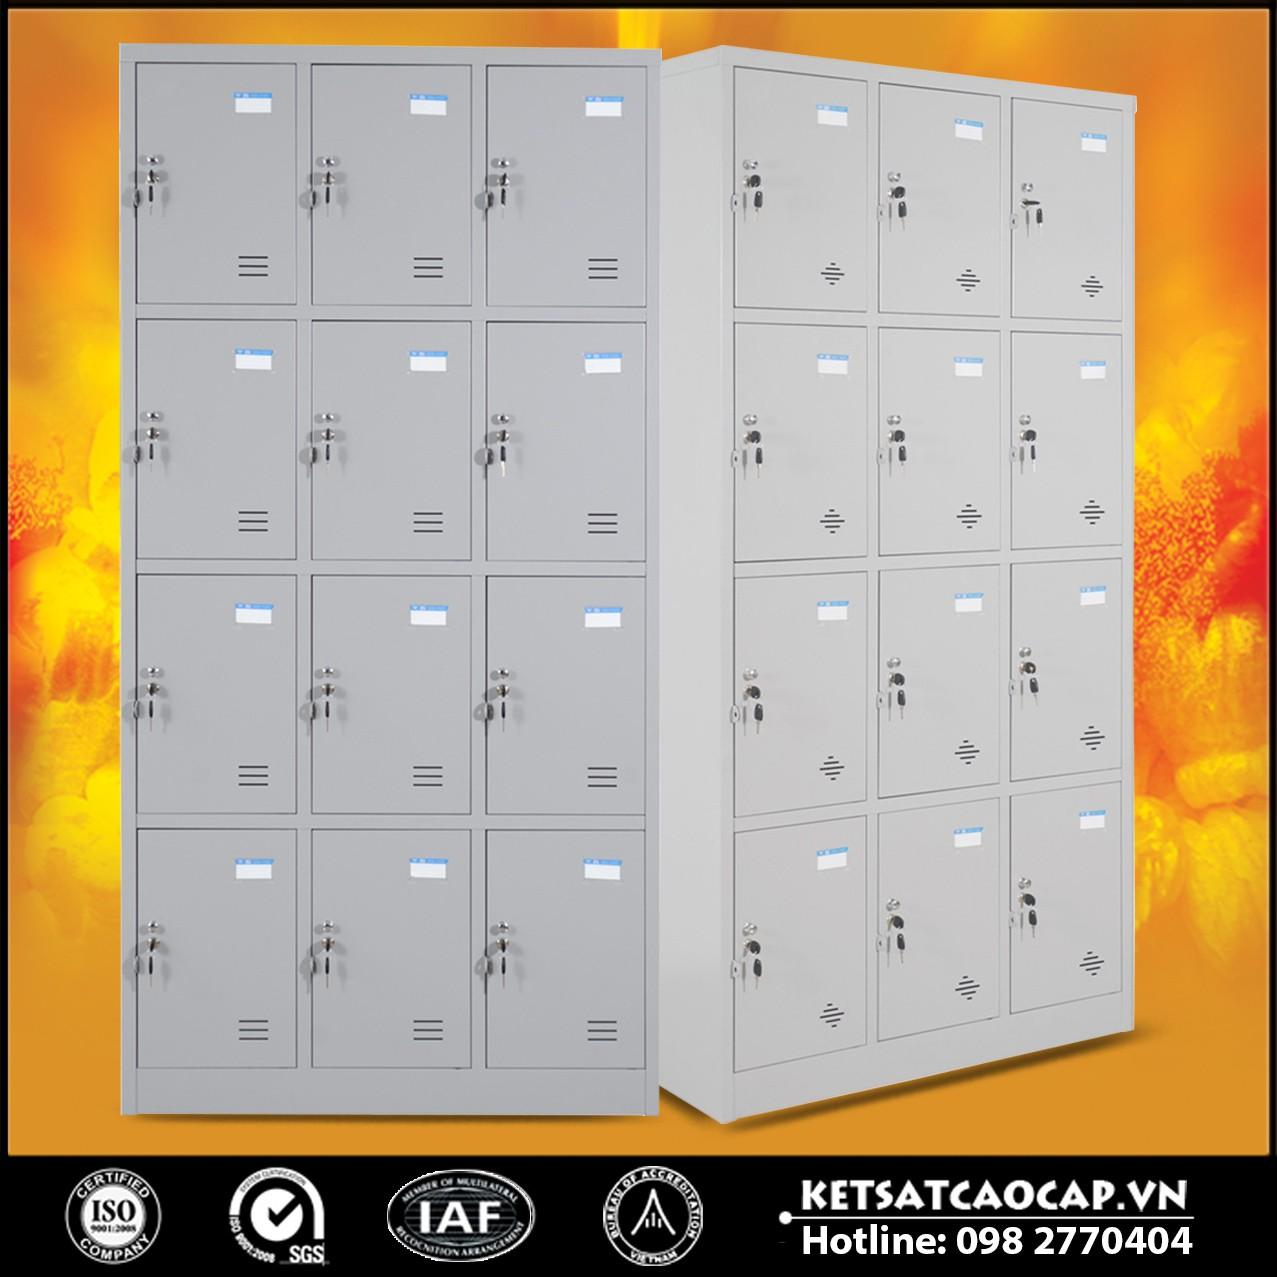 Tủ Locker Văn Phòng Giá Rẻ - Miễn Phí Lắp Đặt, Giao Hàng